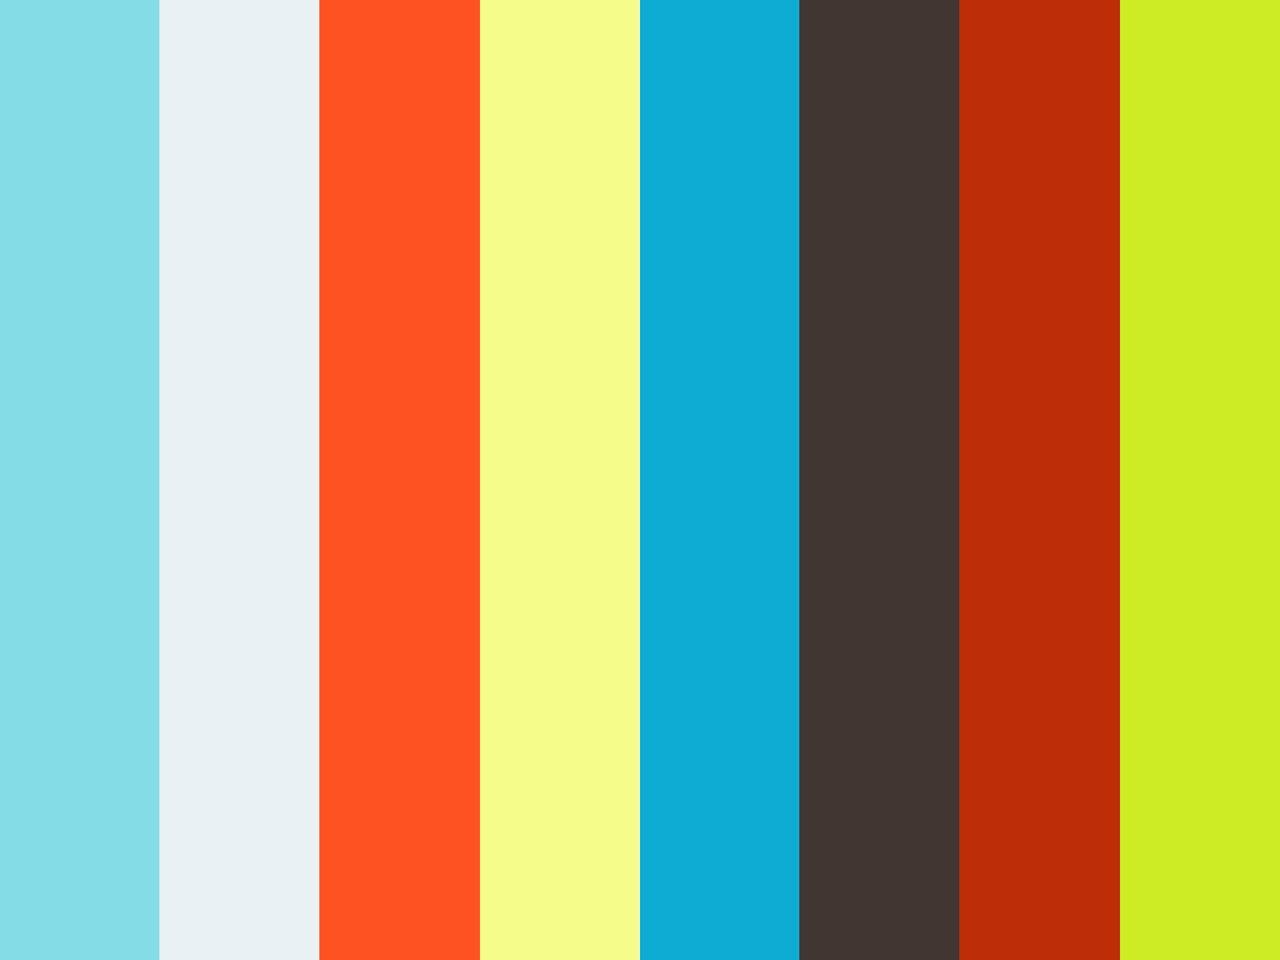 Über:Digitalisierung - 3sat 16.10.2018, 22:25 Uhr